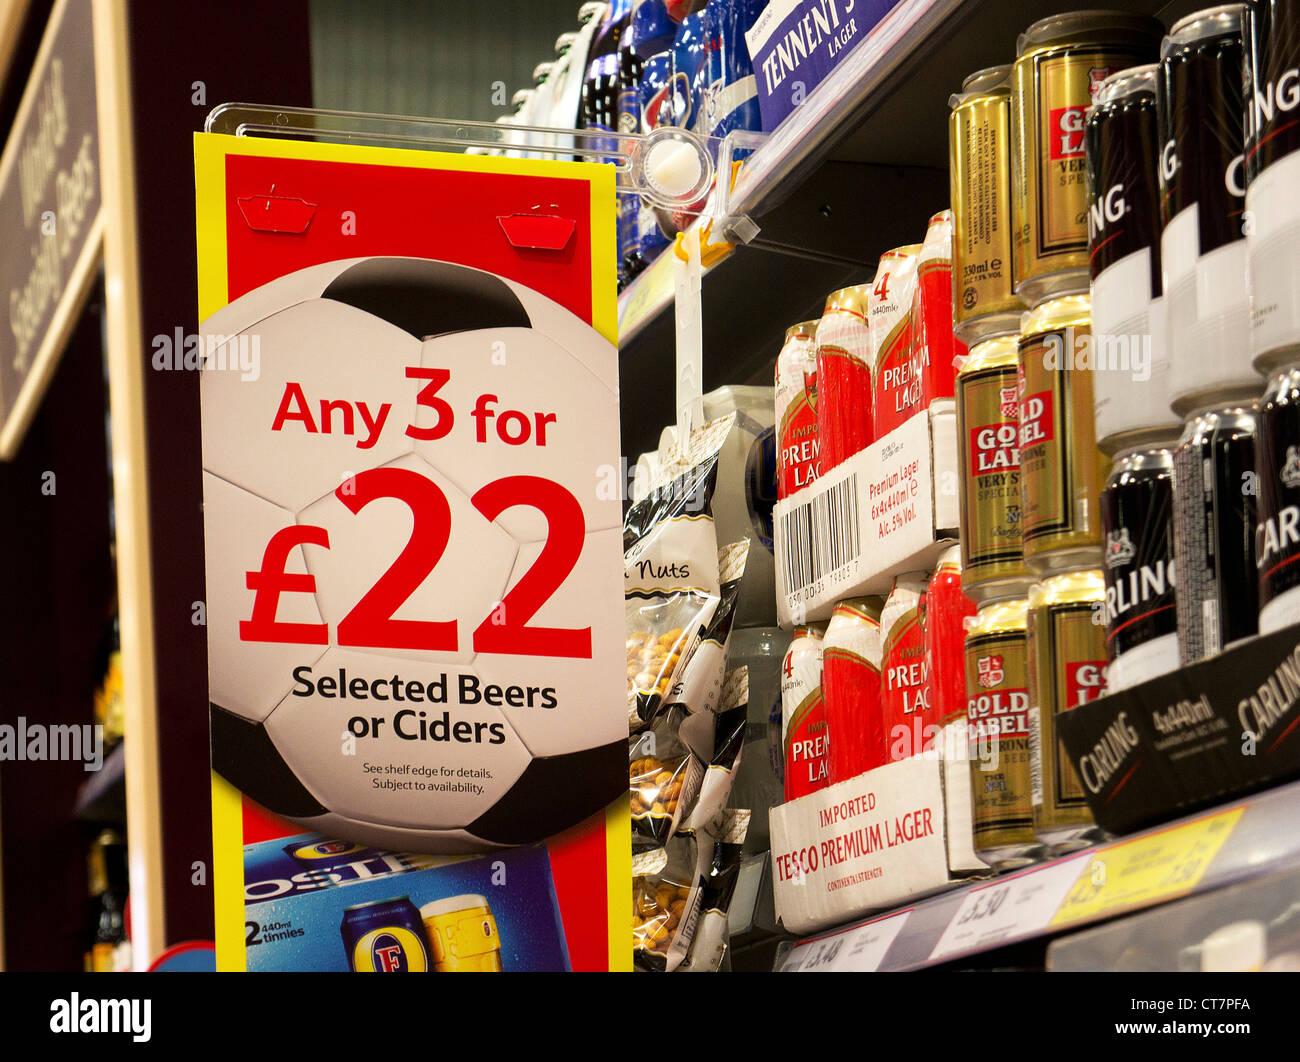 A buon mercato offre birra firmare in un supermercato Tesco, REGNO UNITO Immagini Stock